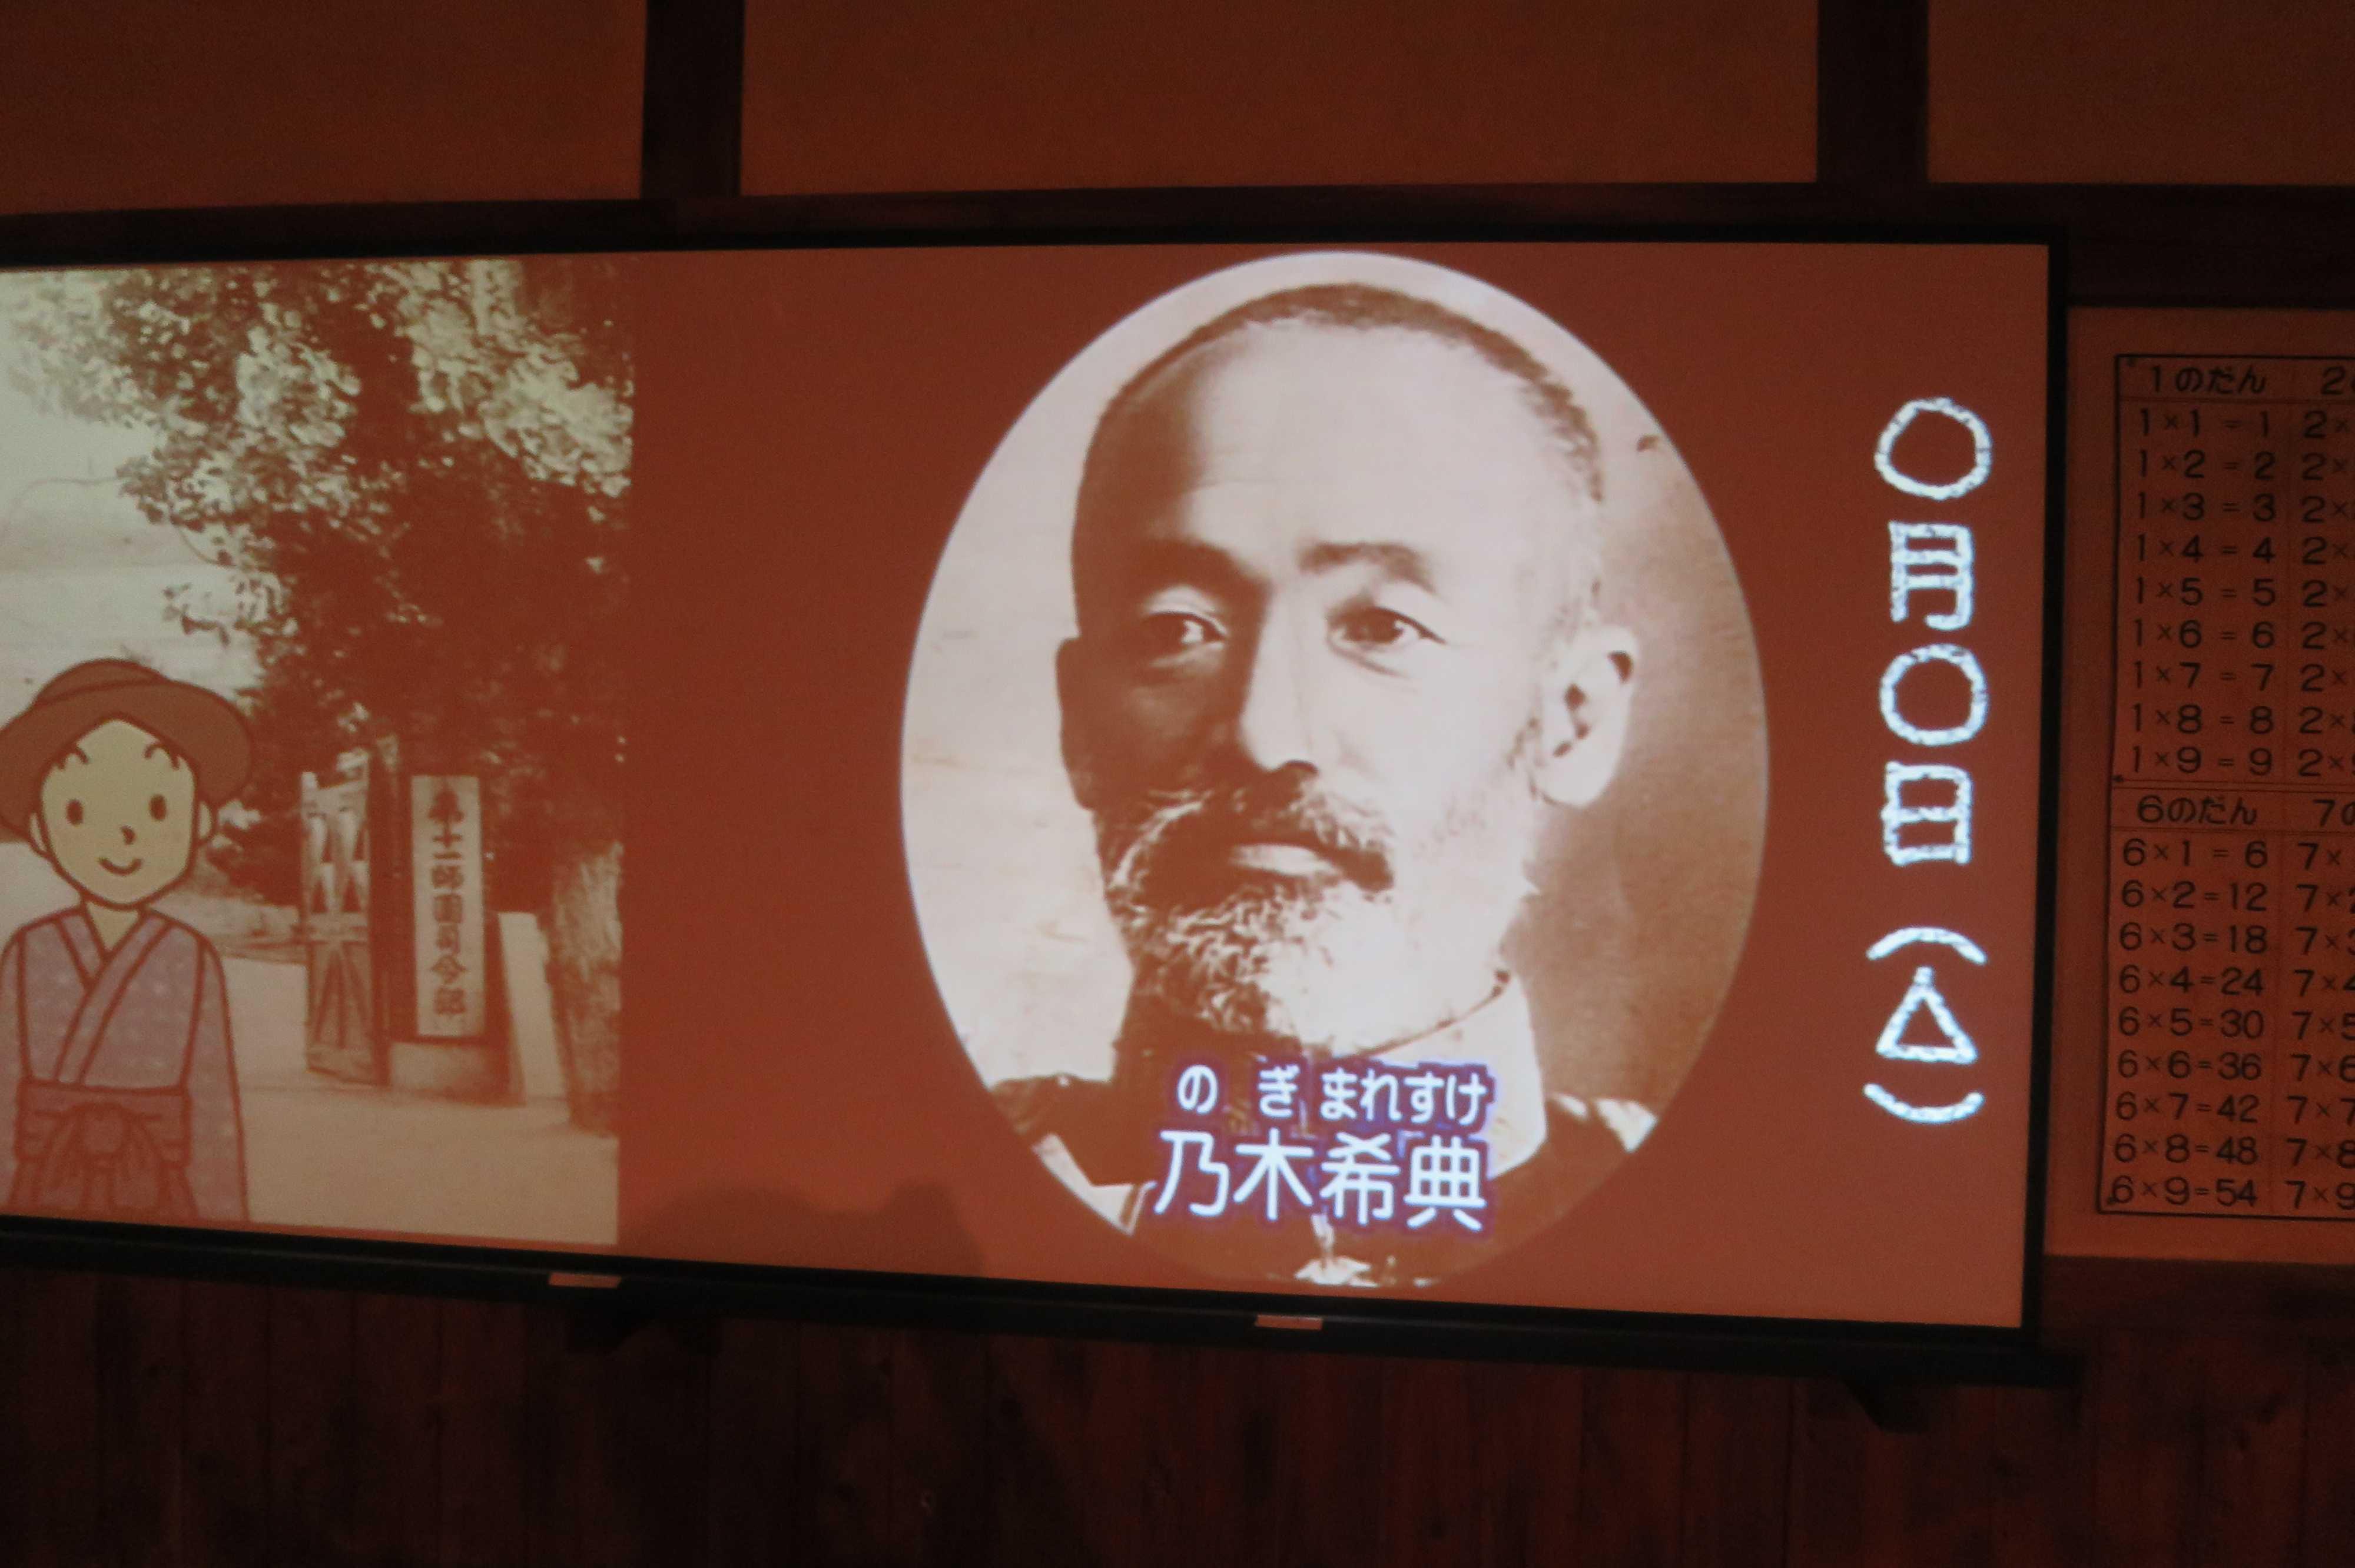 第11師団司令部の初代師団長・乃木希典(乃木将軍)